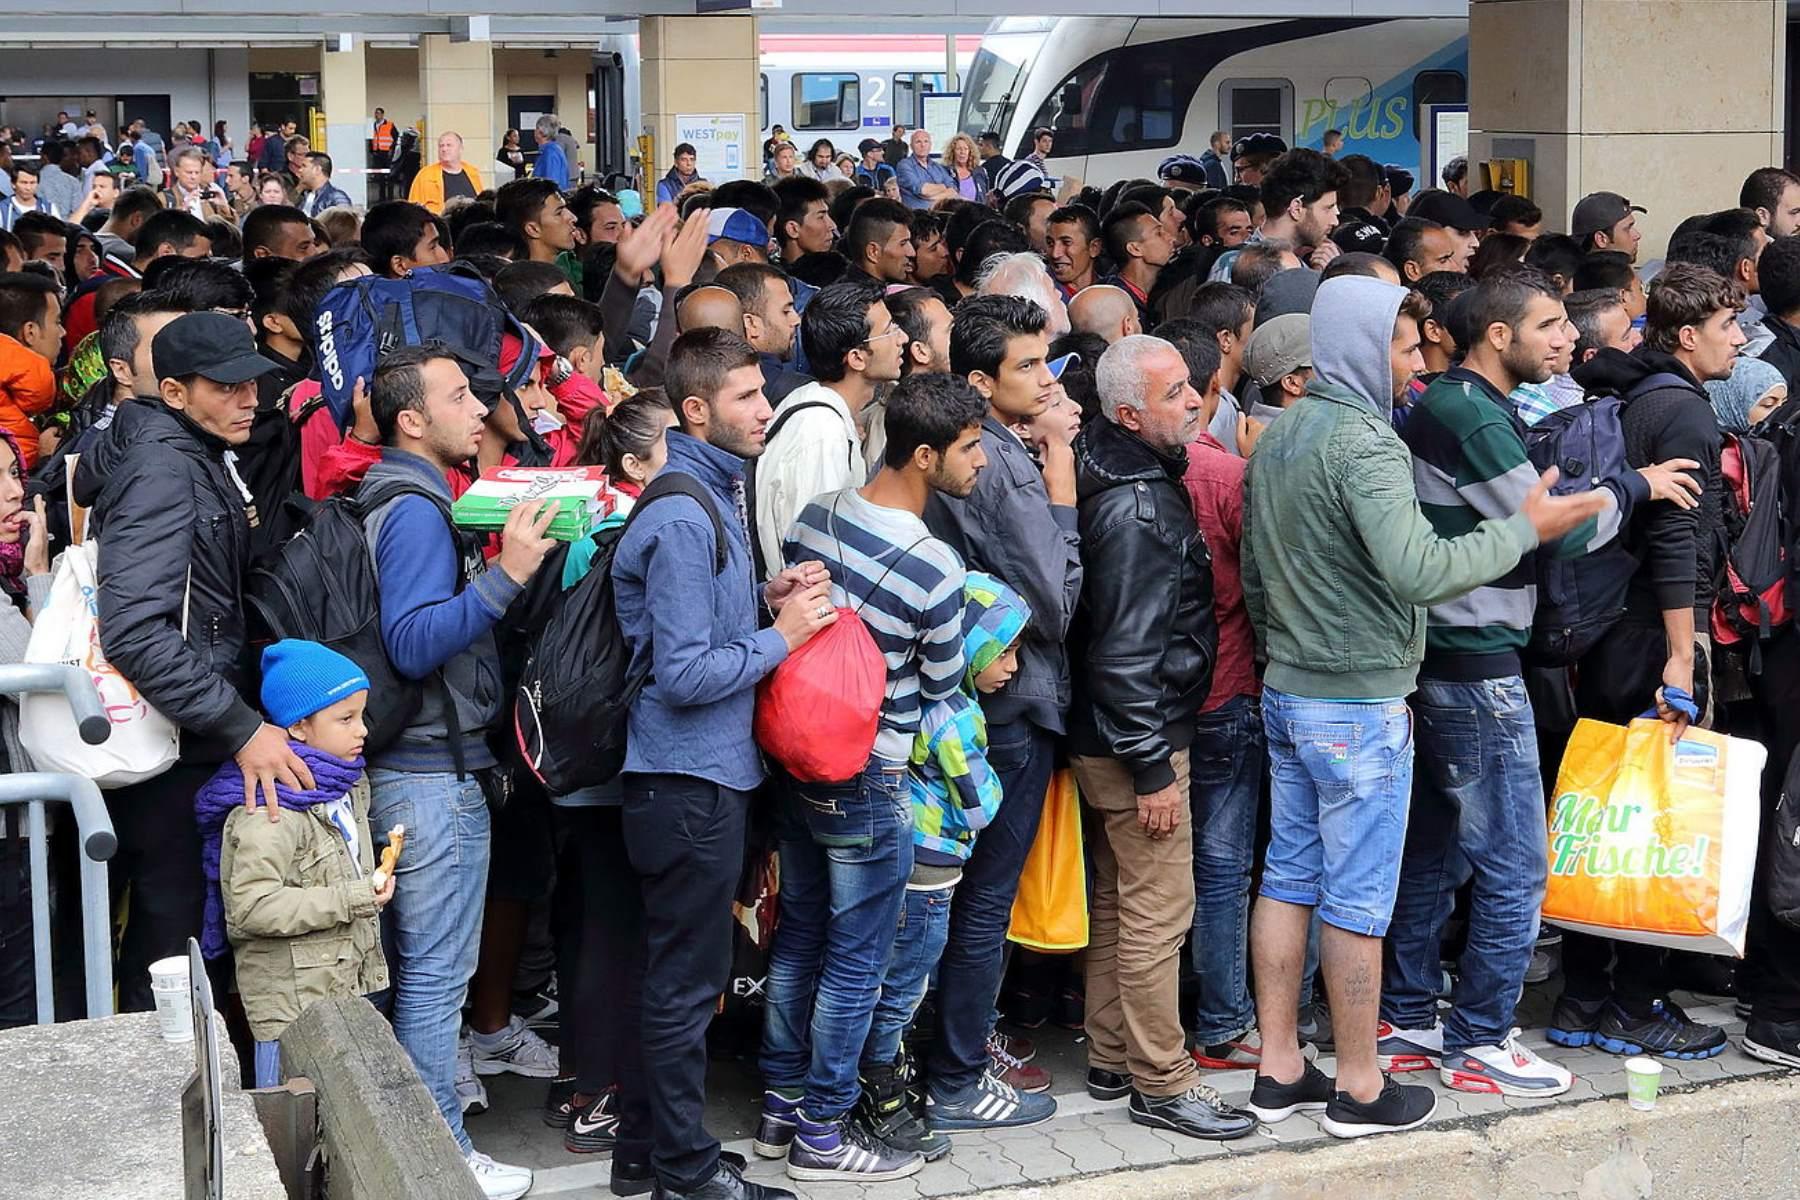 Beschlussantrag   Landessache Einwanderung